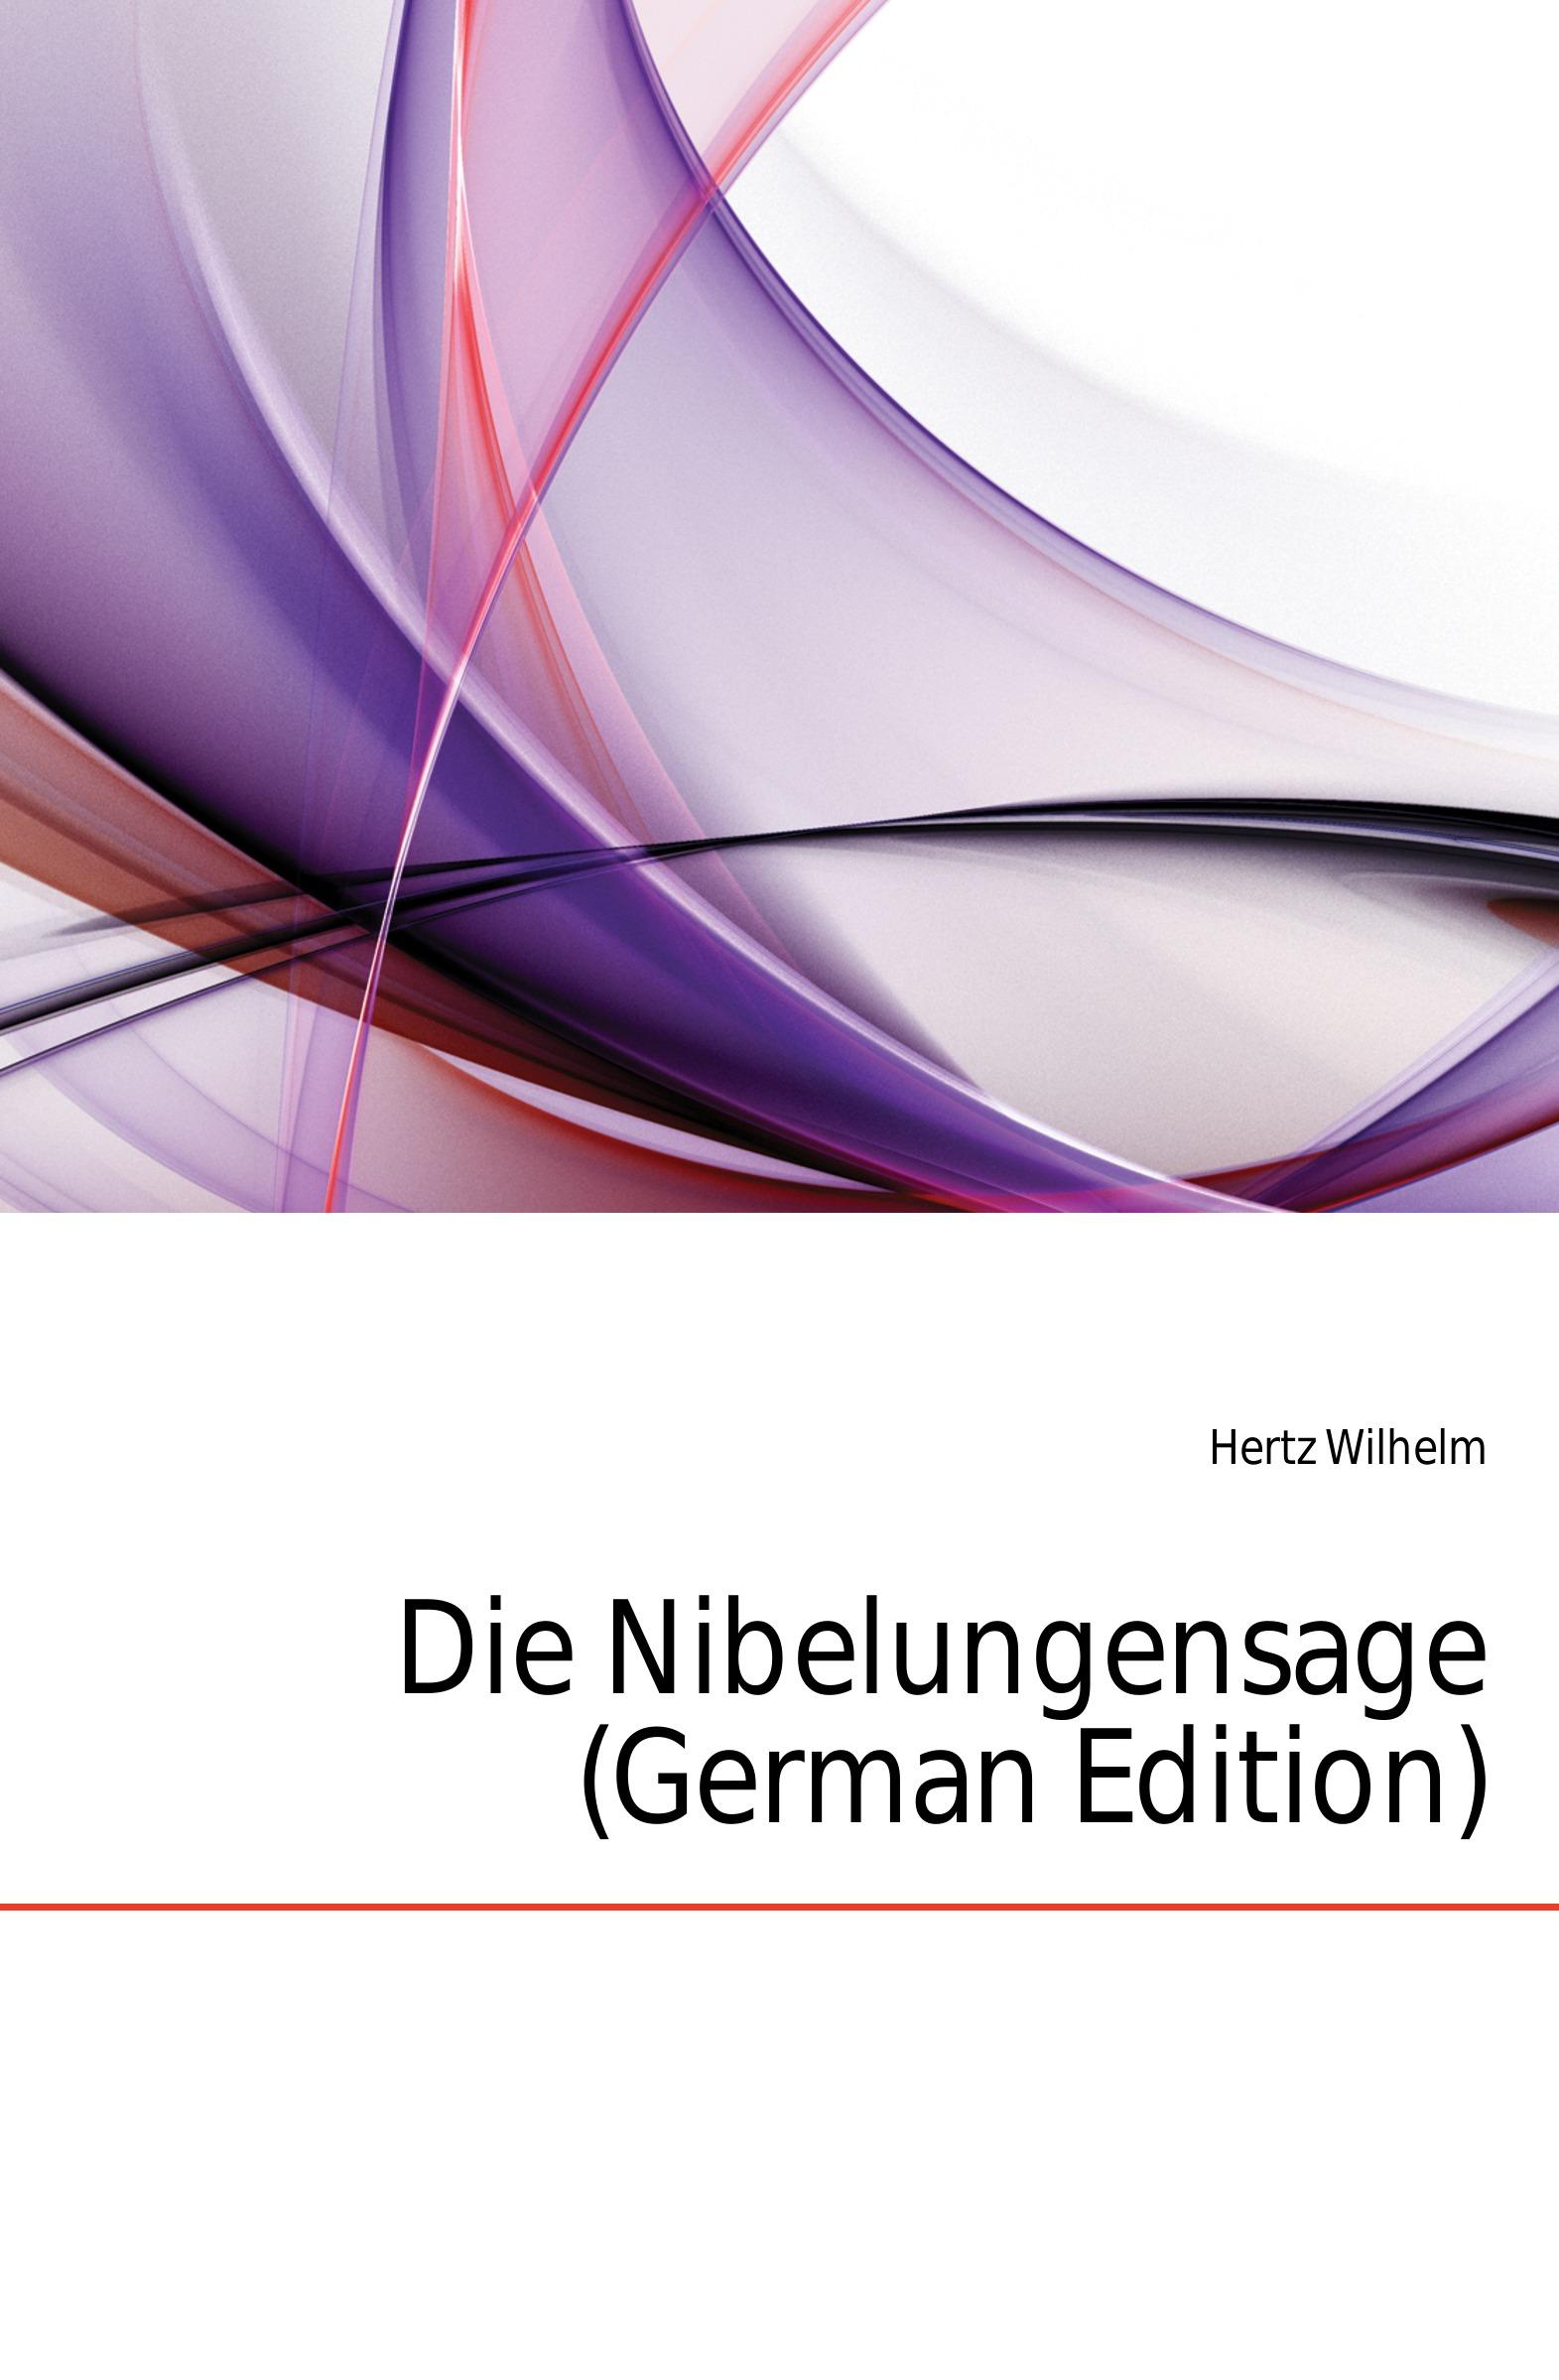 Hertz Wilhelm Die Nibelungensage (German Edition)